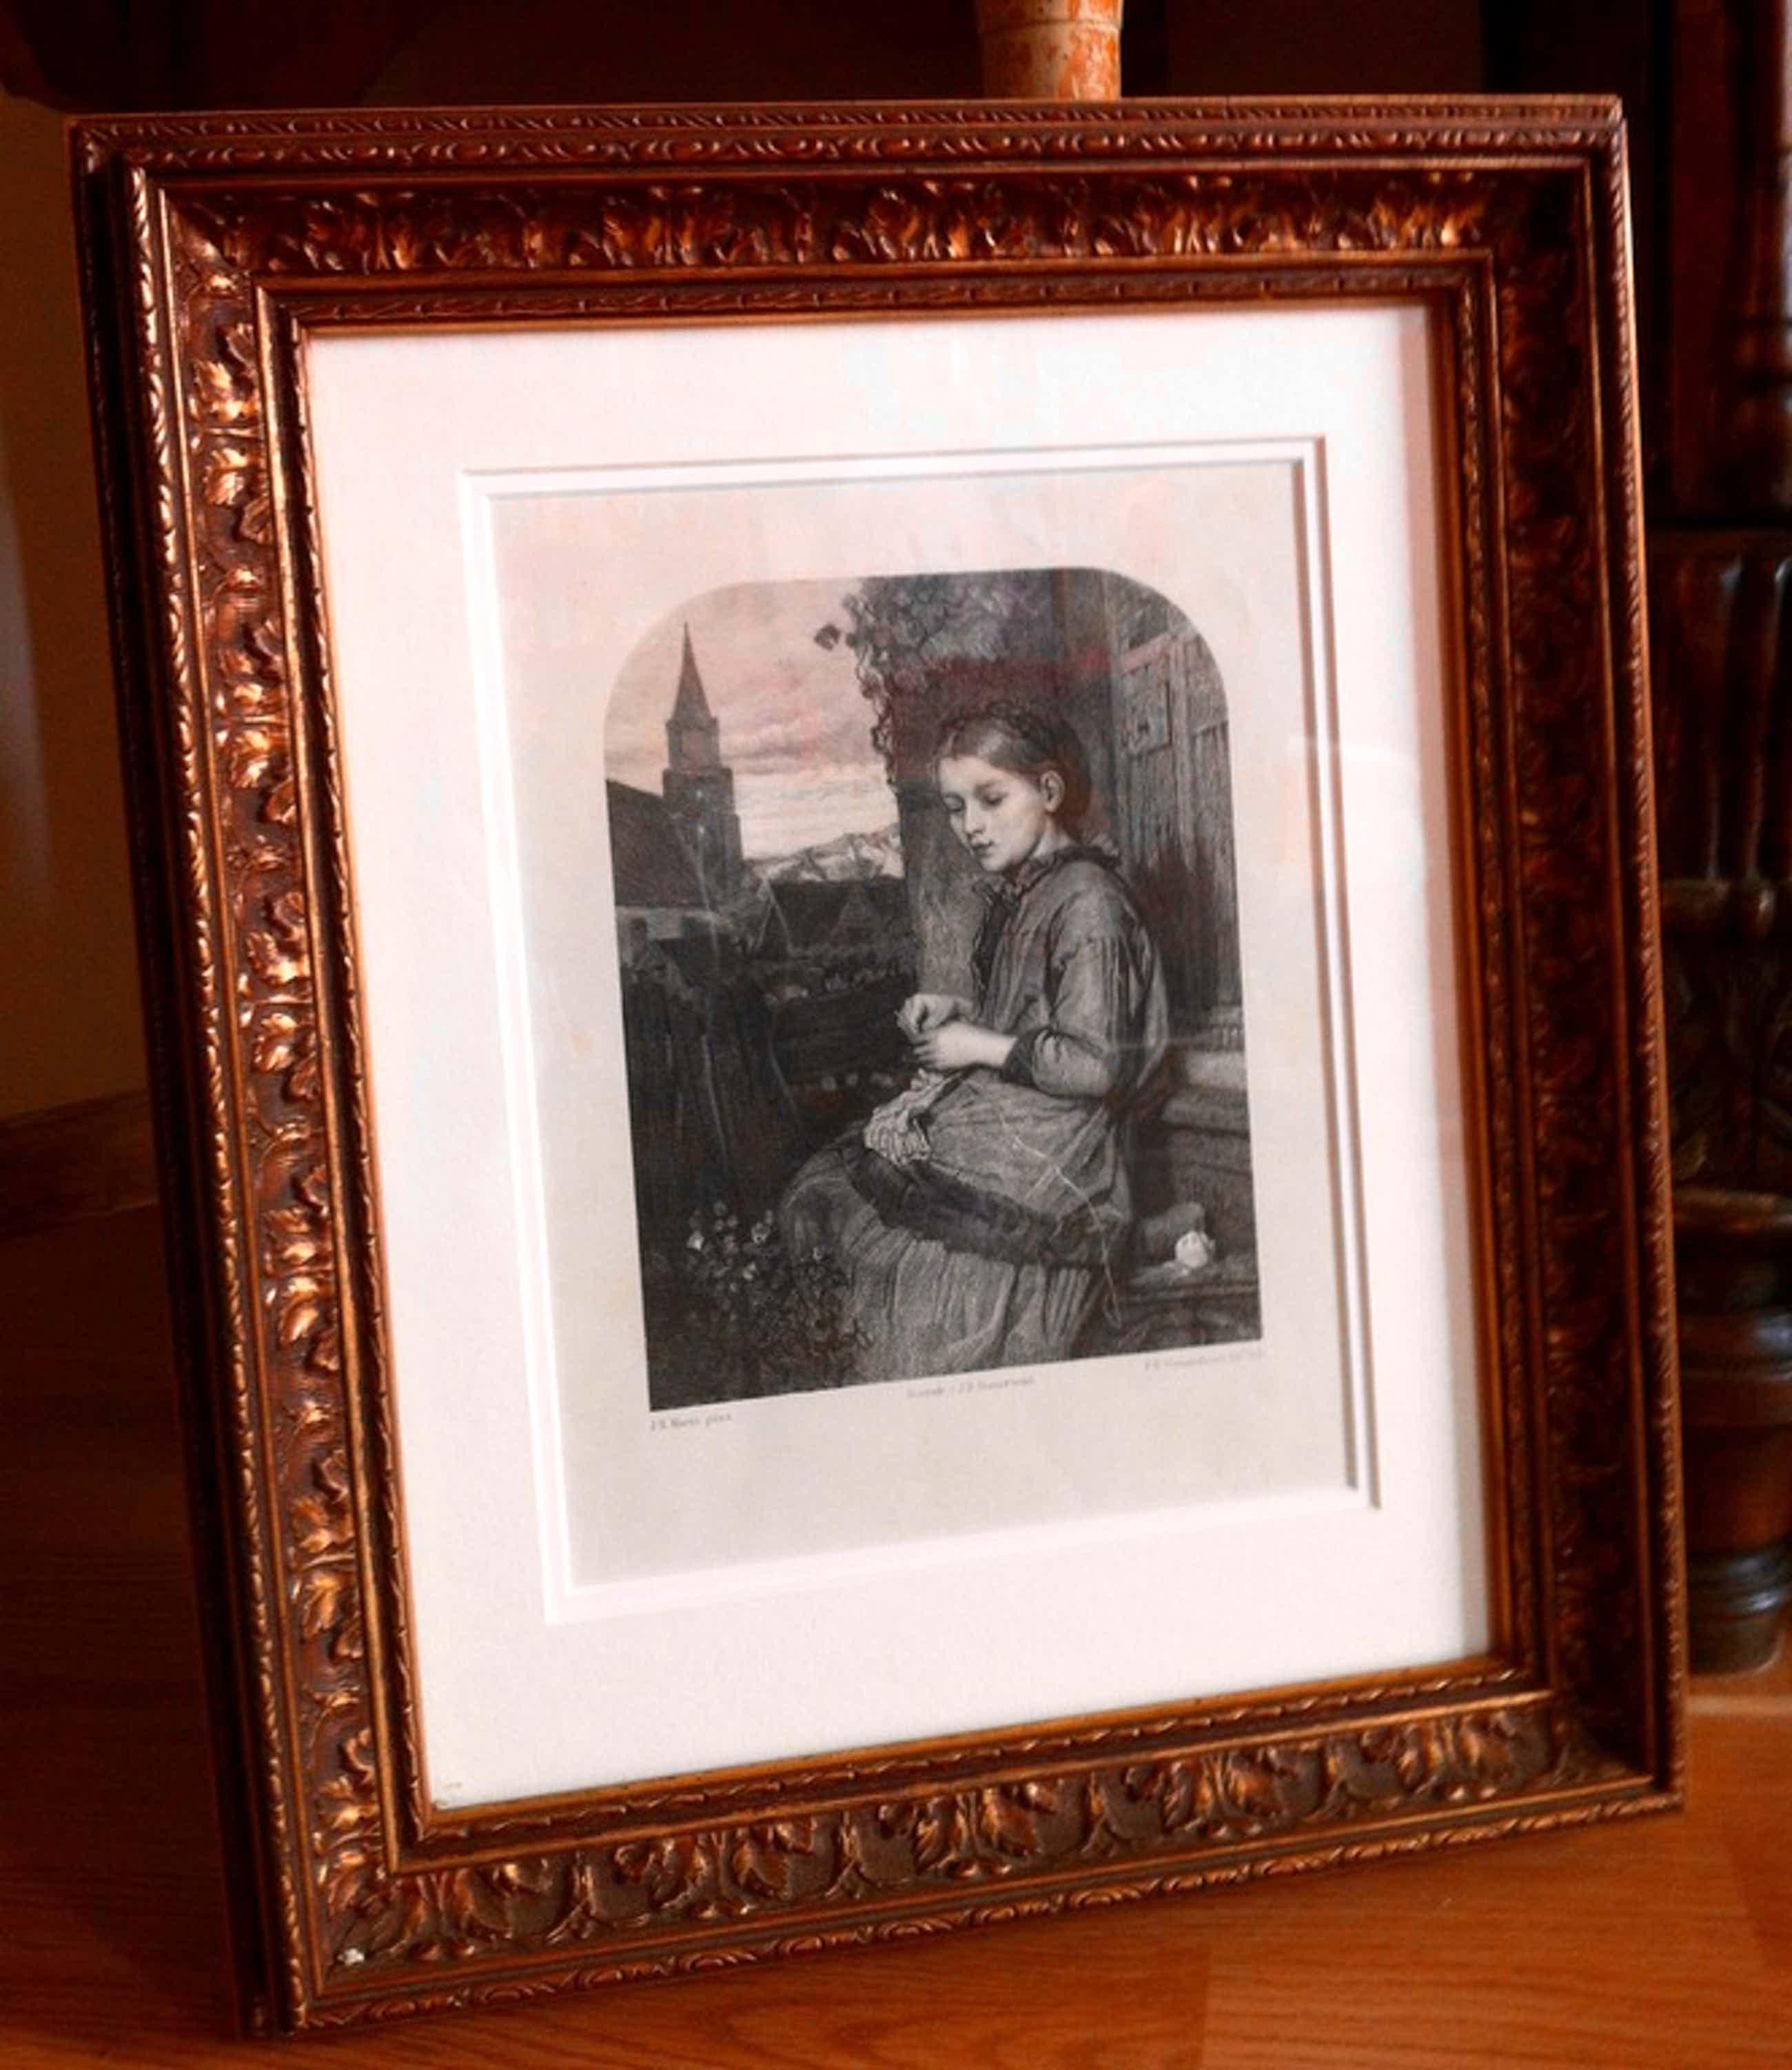 Jacob H. Maris, Meisje met breiwerkje, lithografie door F.H. Weissenbruch  kopen? Bied vanaf 85!